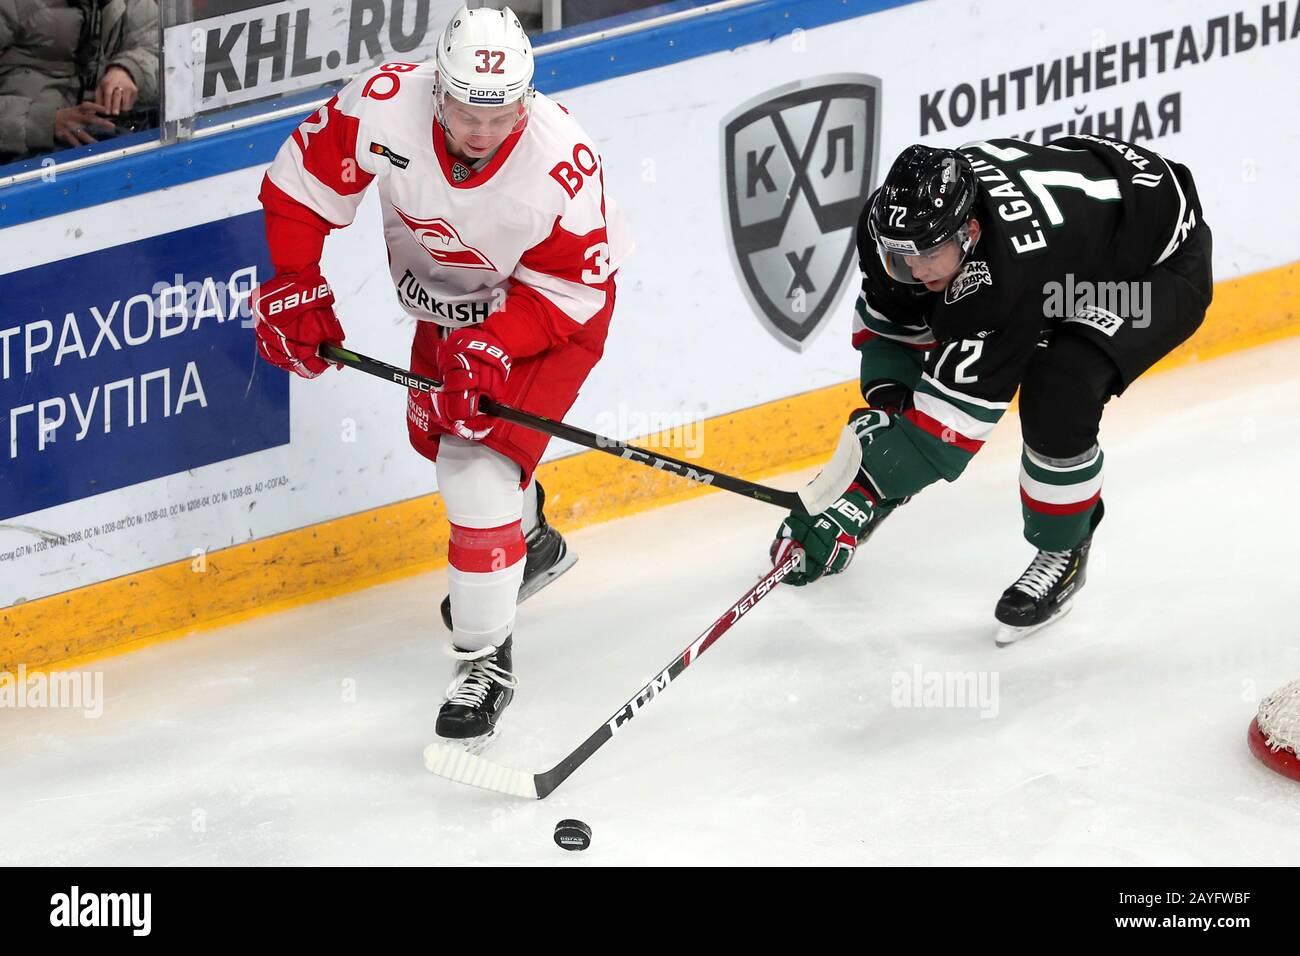 Kazan, RUSSIE - 15 FÉVRIER 2020: Spartak Moscou Akim Trishin (L) et Ak Bars l'Emil Galimov de Kazan en action dans le match de hockey régulier de la KHL 2019/20 entre Ak Bars Kazan et Spartak Moscou à Tatneft Arena. Yegor Aleyev/TASS Banque D'Images